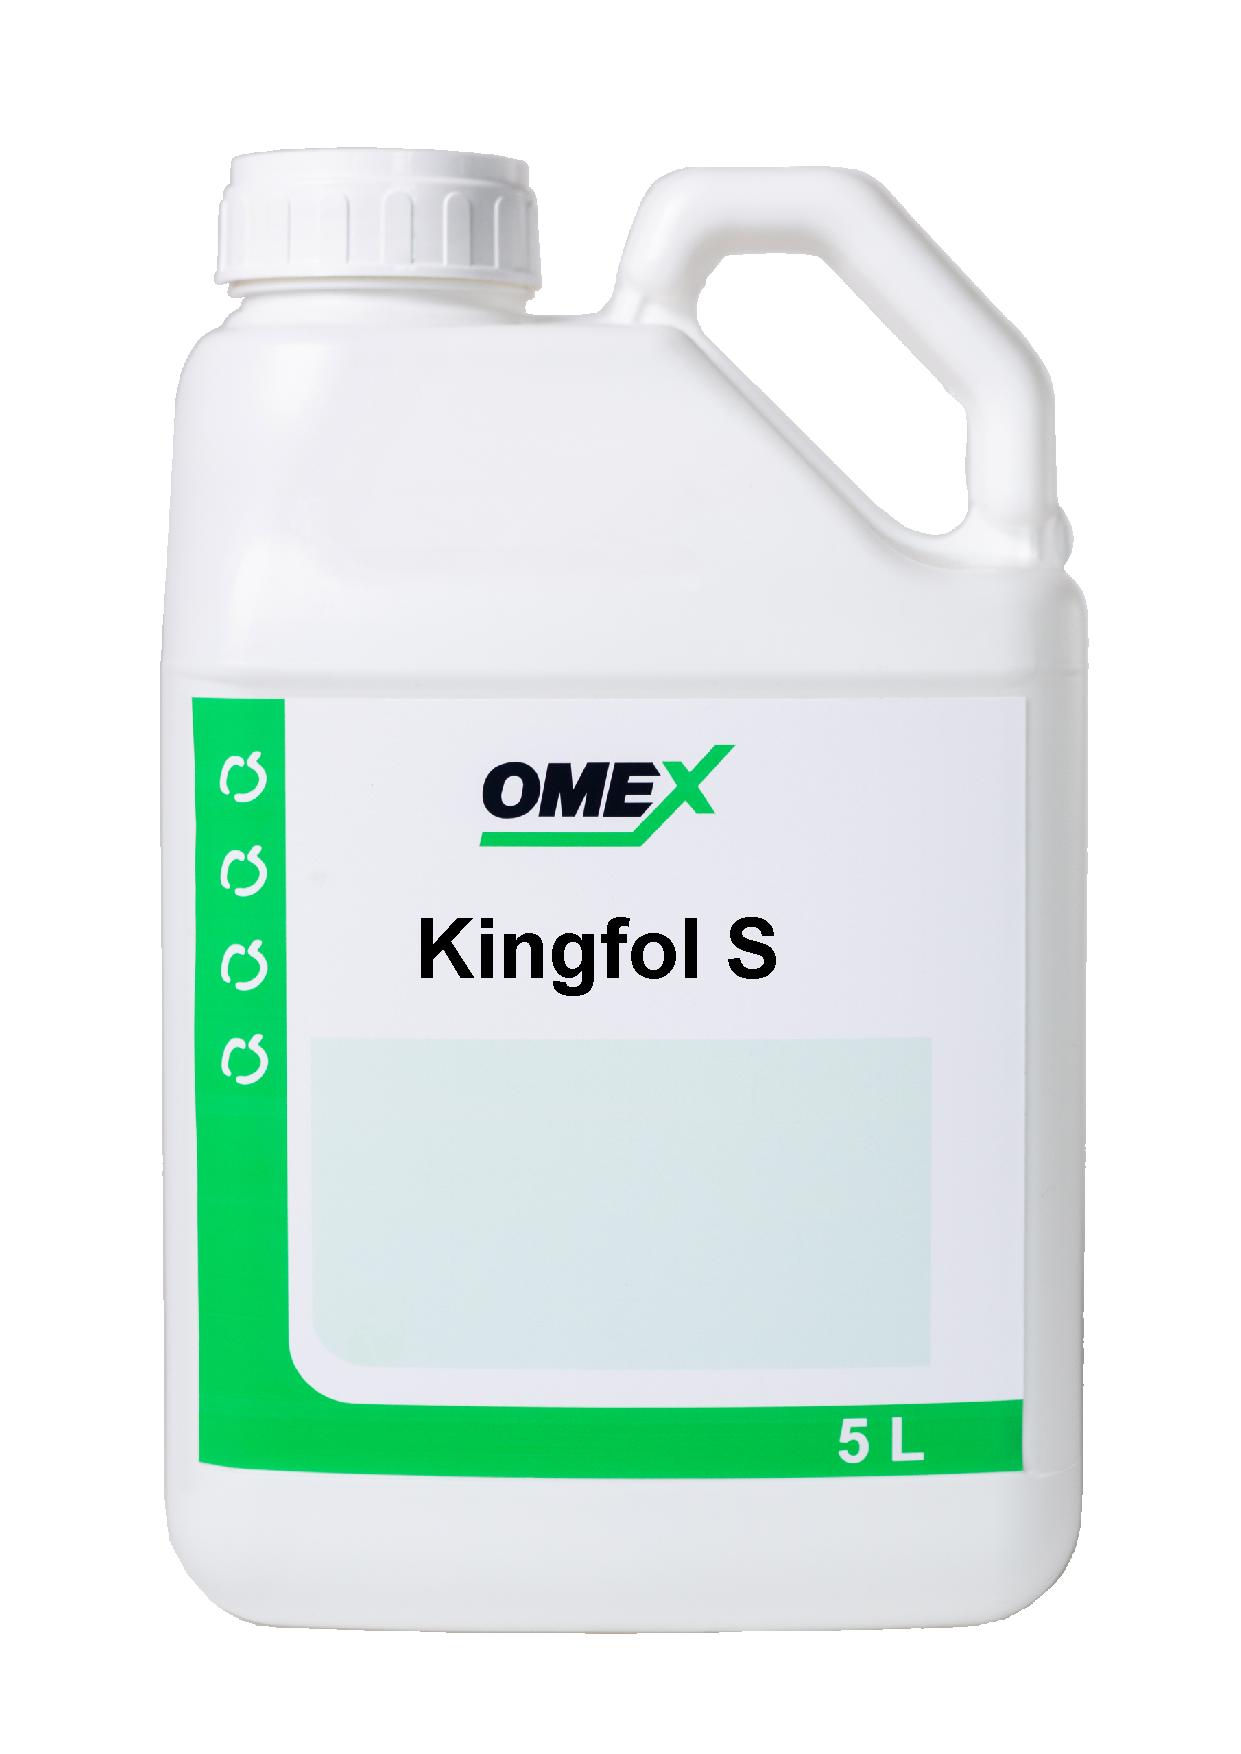 Kingfol Sulphur